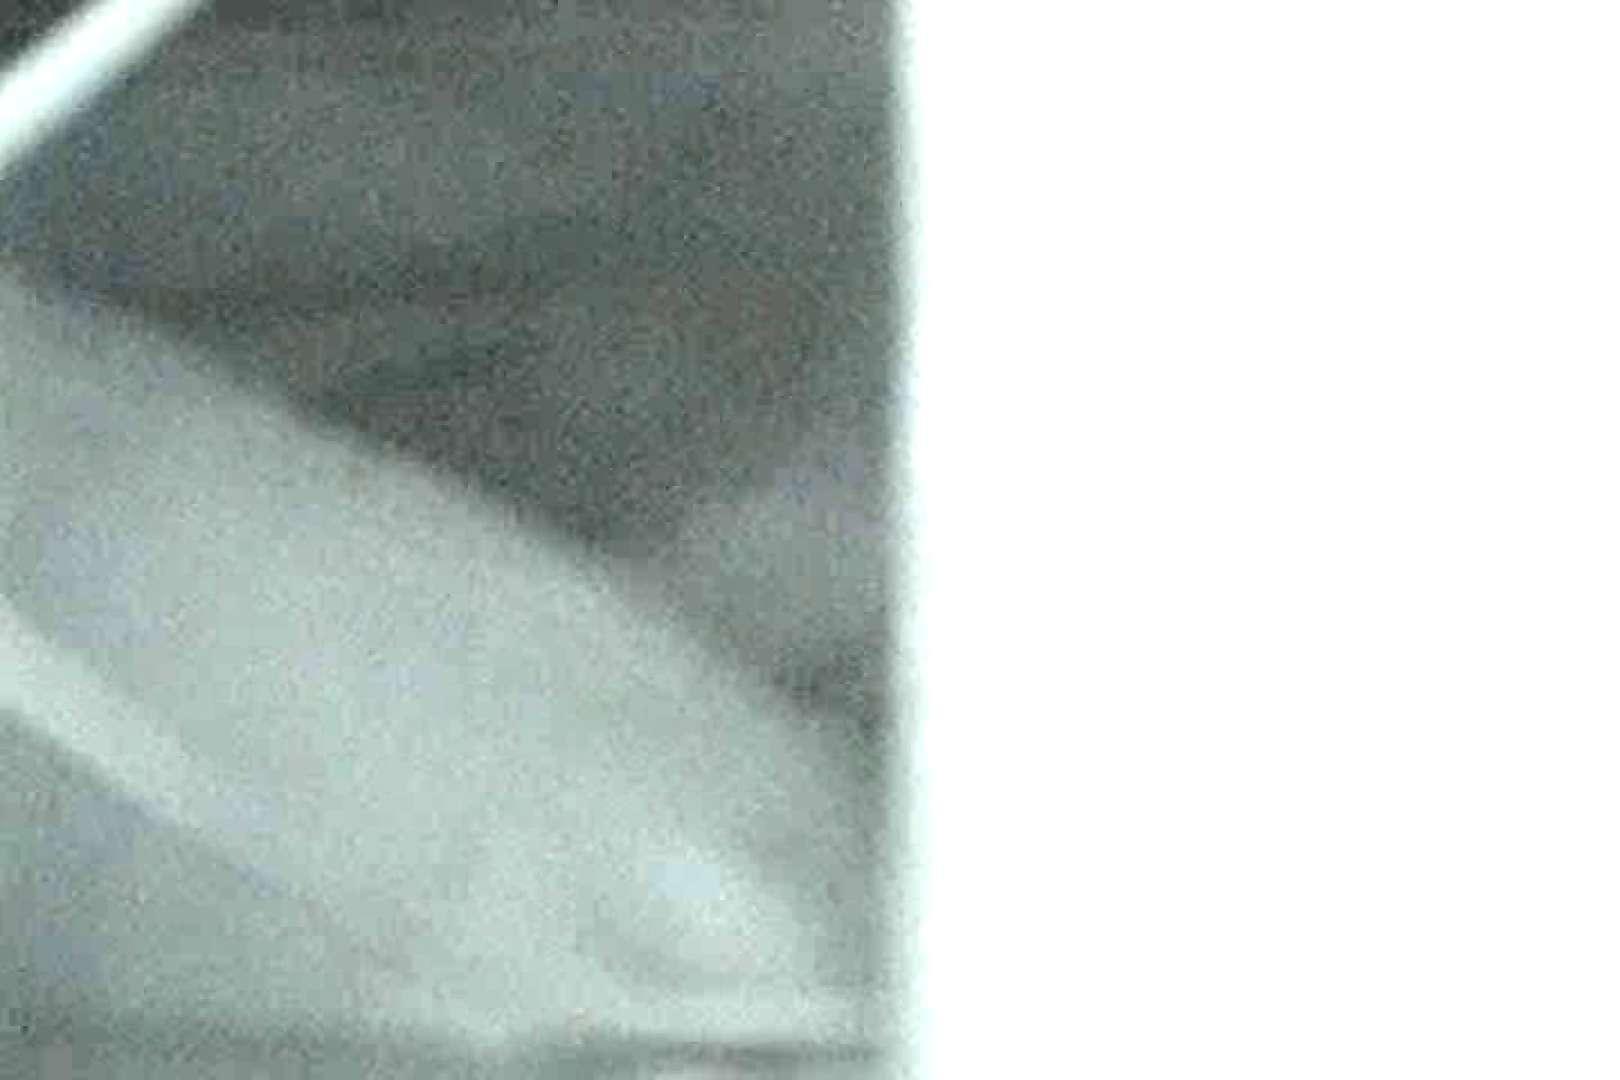 充血監督の深夜の運動会Vol.12 カップルのセックス | OLヌード天国  91PIX 46